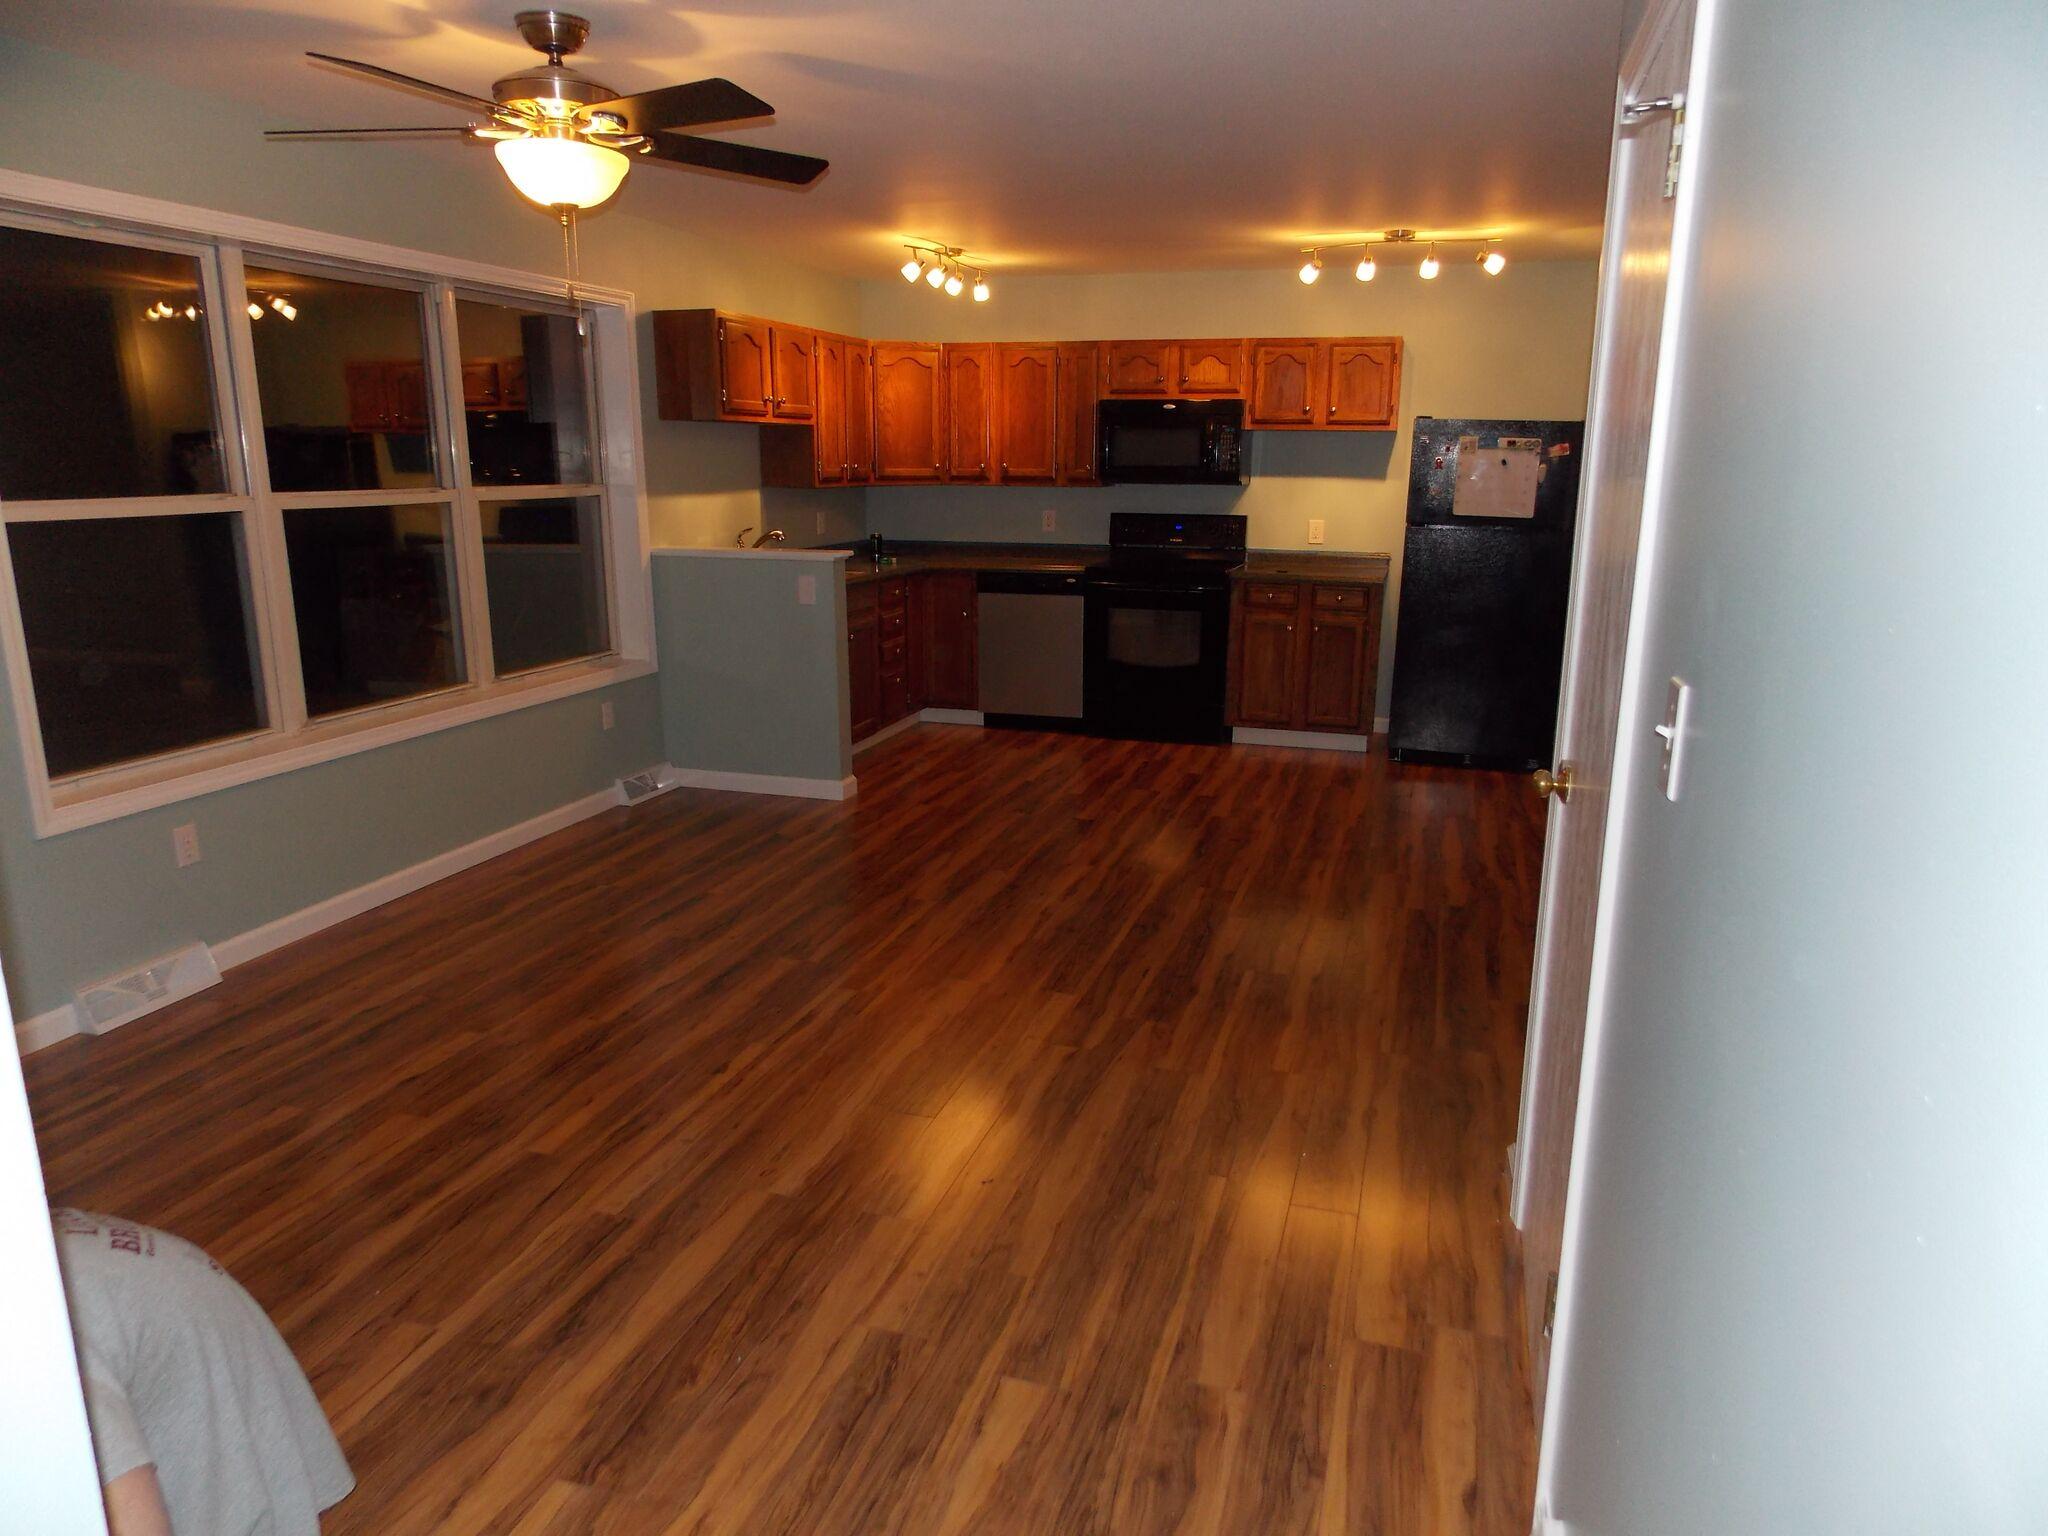 loucks gf kitchen.jpg